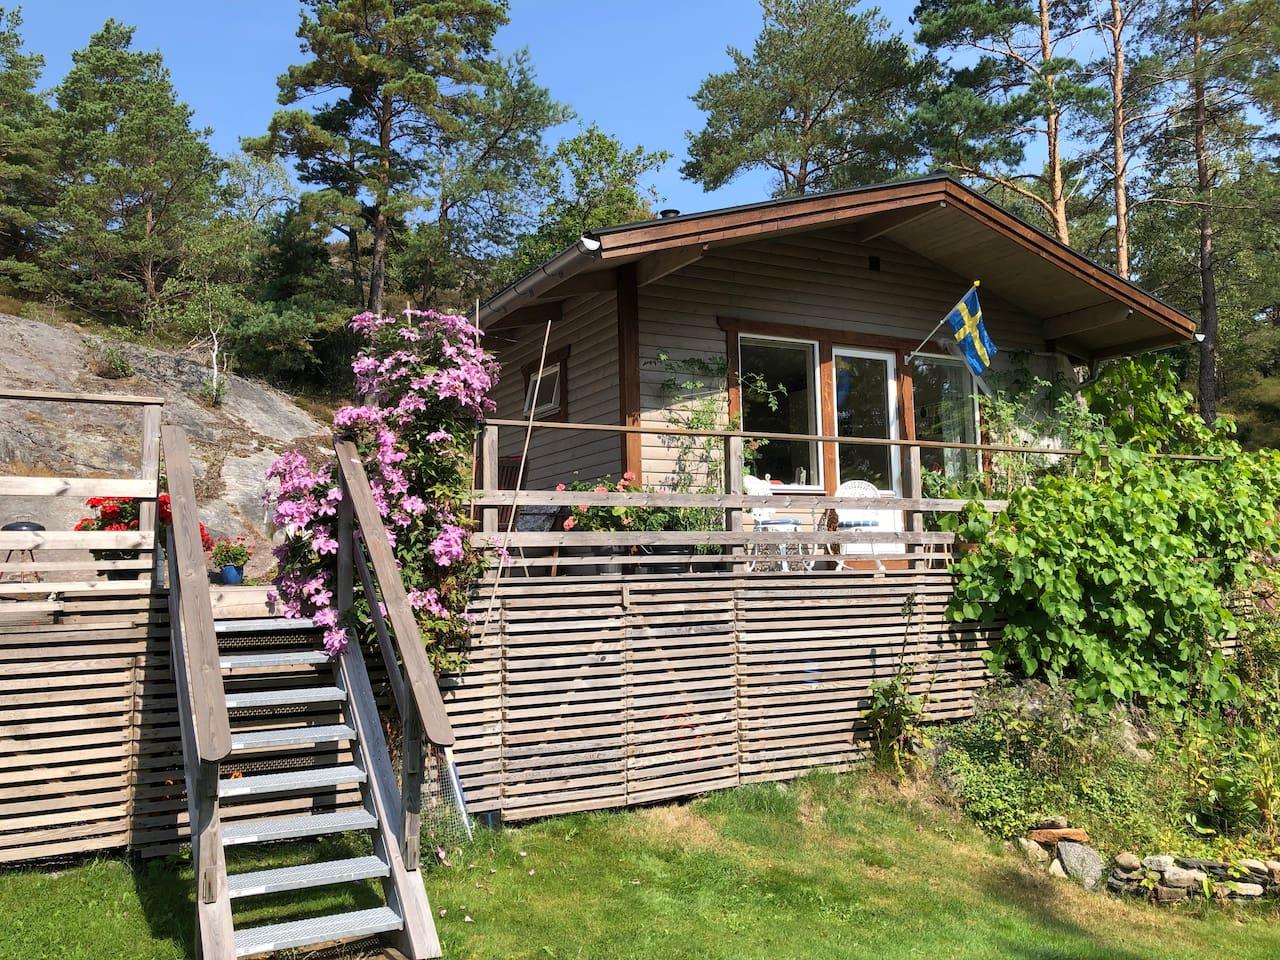 Fristående gäststuga med stor altan (Our guest cottage with large terrace)